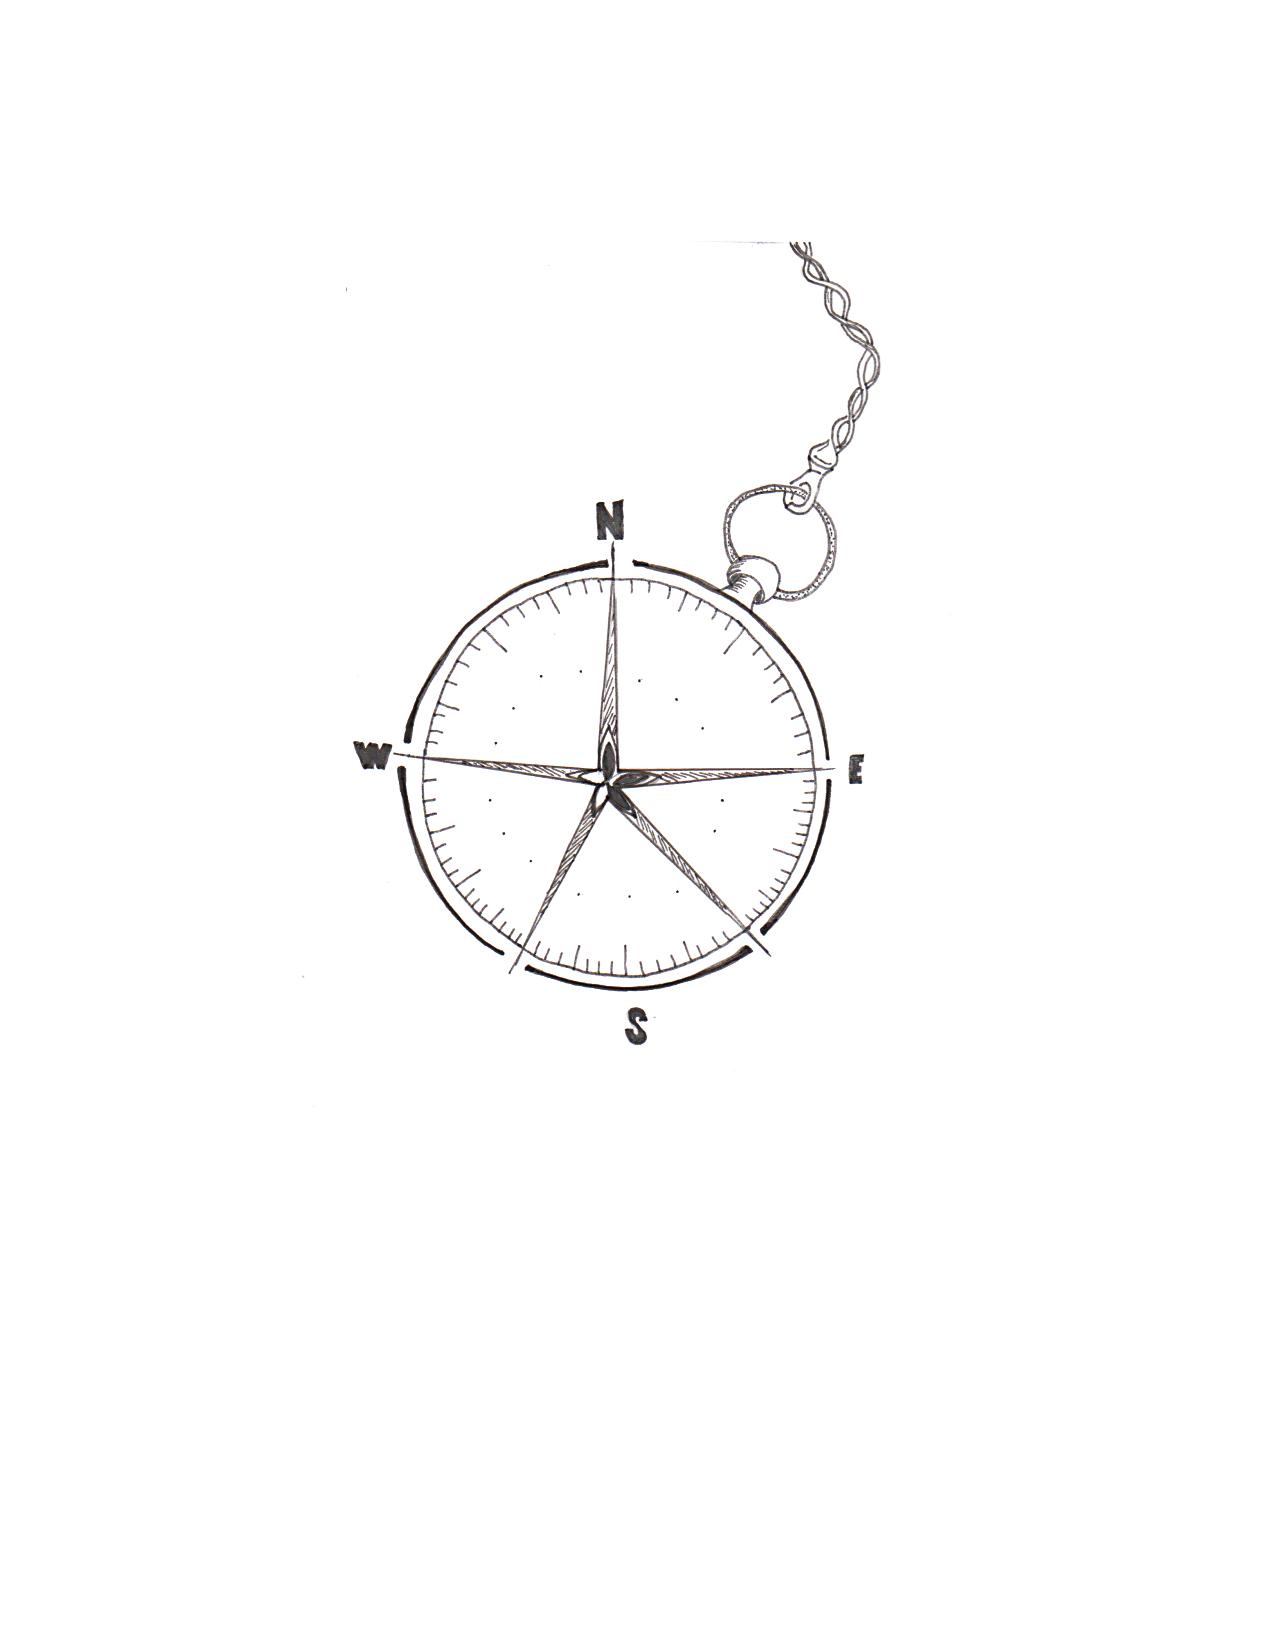 Bumerang_compass-01.jpg